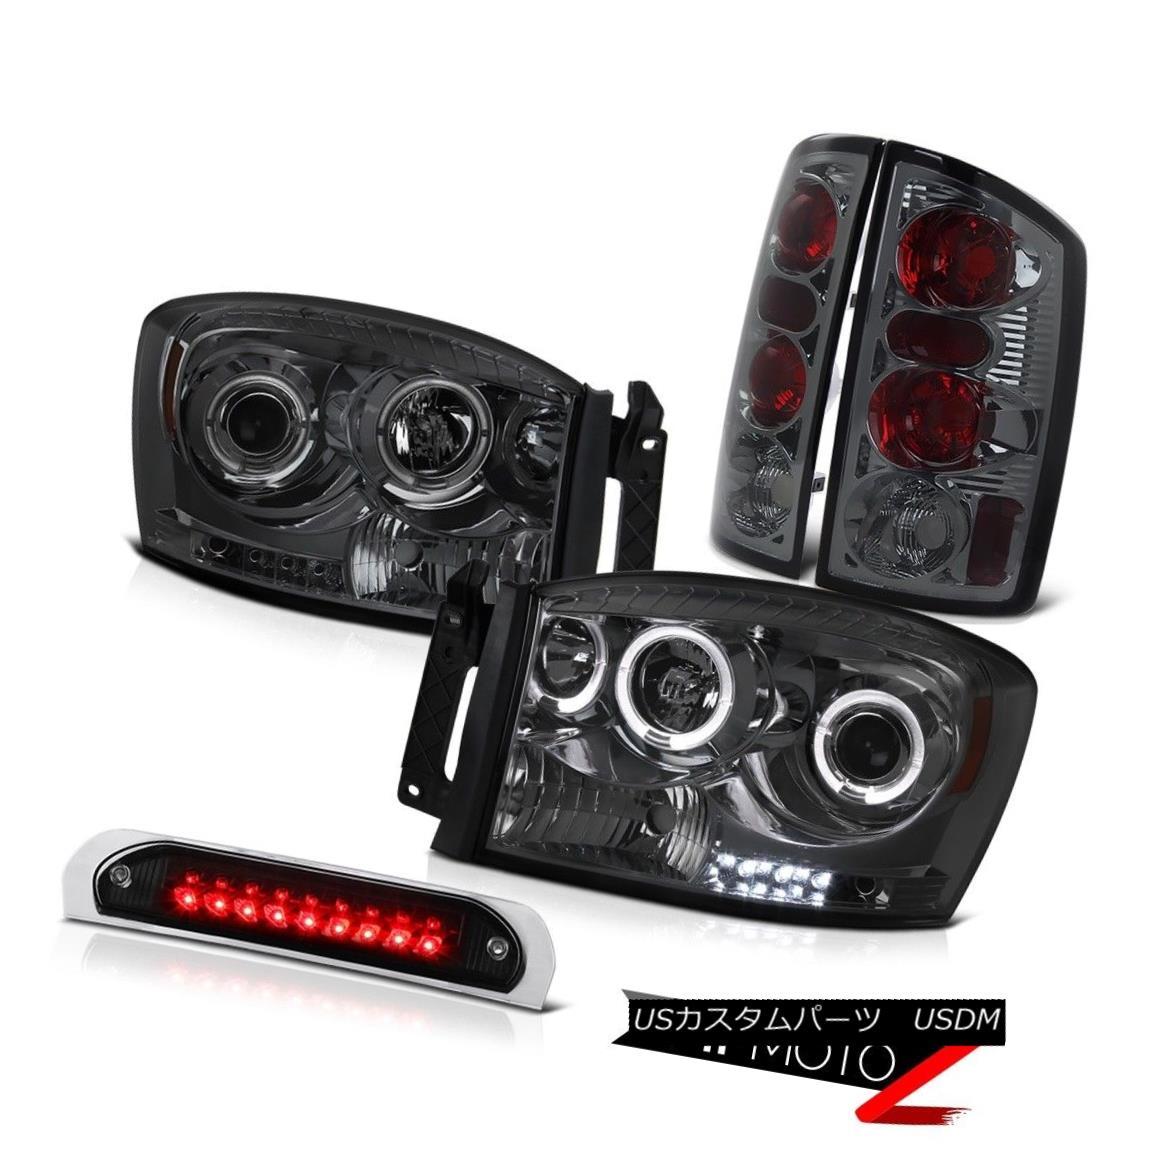 ヘッドライト Halo Smoke Headlights Rear Tail Lights Assembly Stop LED Black 2006 Ram SRT-10 Halo SmokeヘッドライトリアテールライトAssembly Stop LED Black 2006 Ram SRT-10